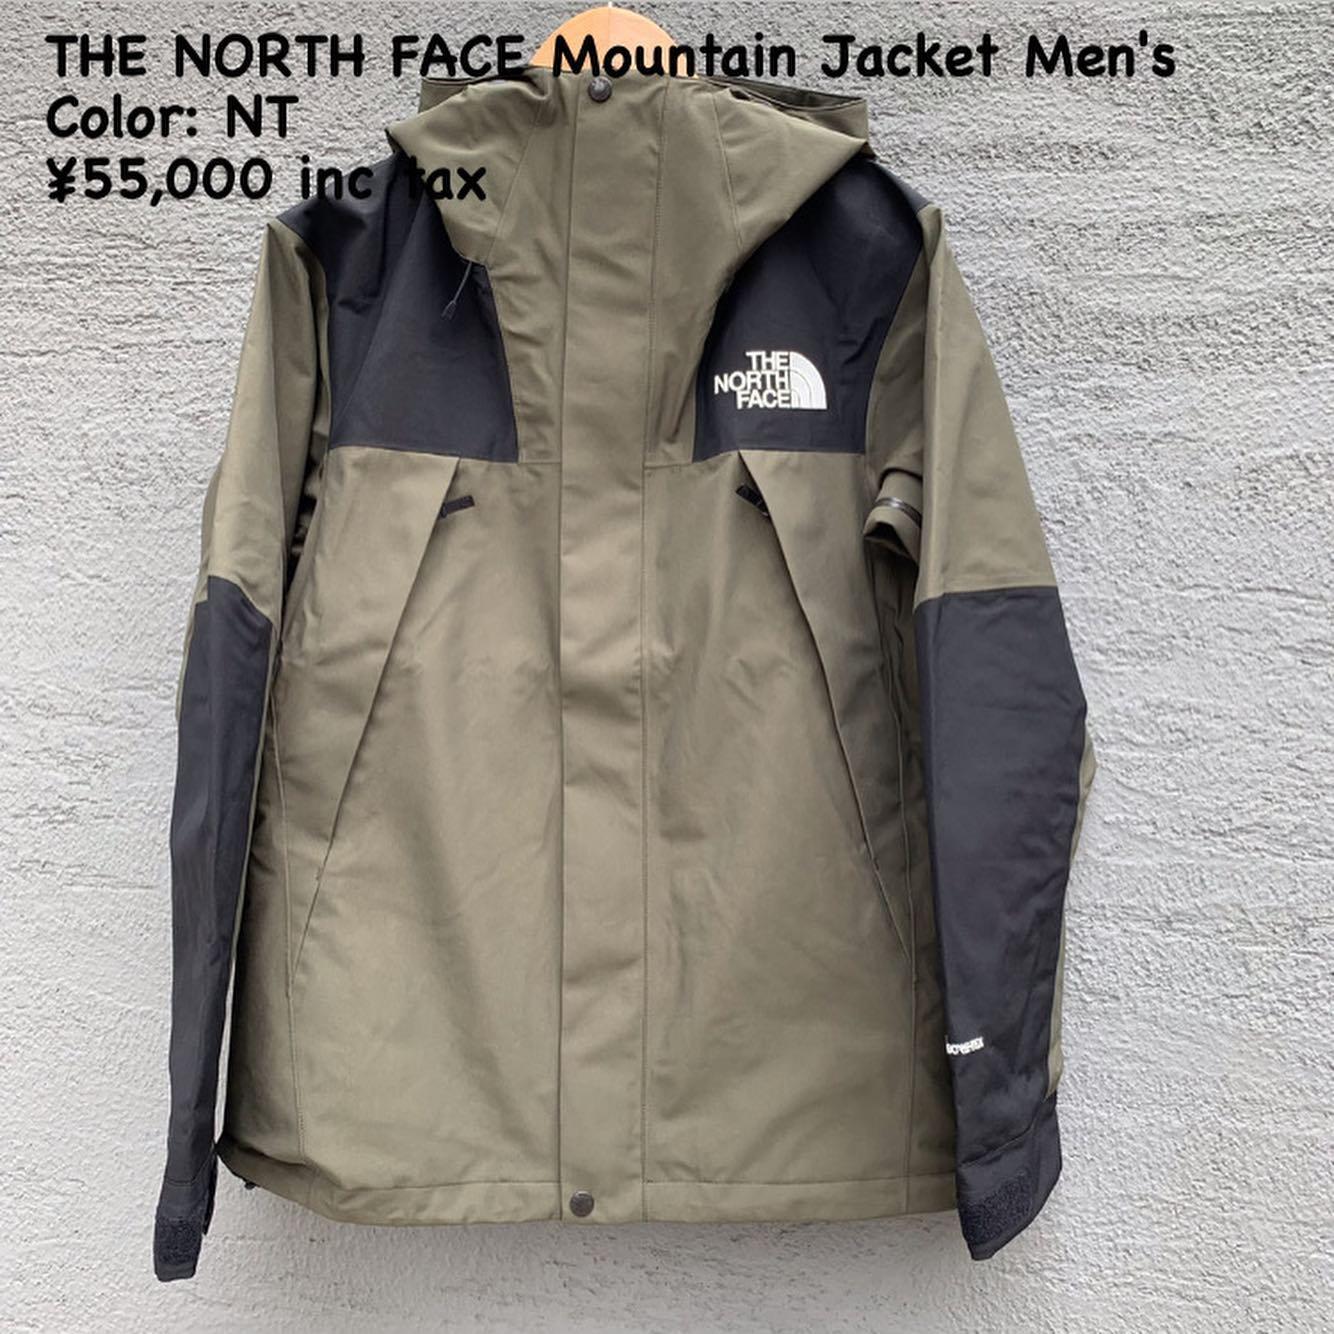 ノースフェイスの21FW製品『THE NORTH FACE マウンテンジャケット メンズ』のご紹介